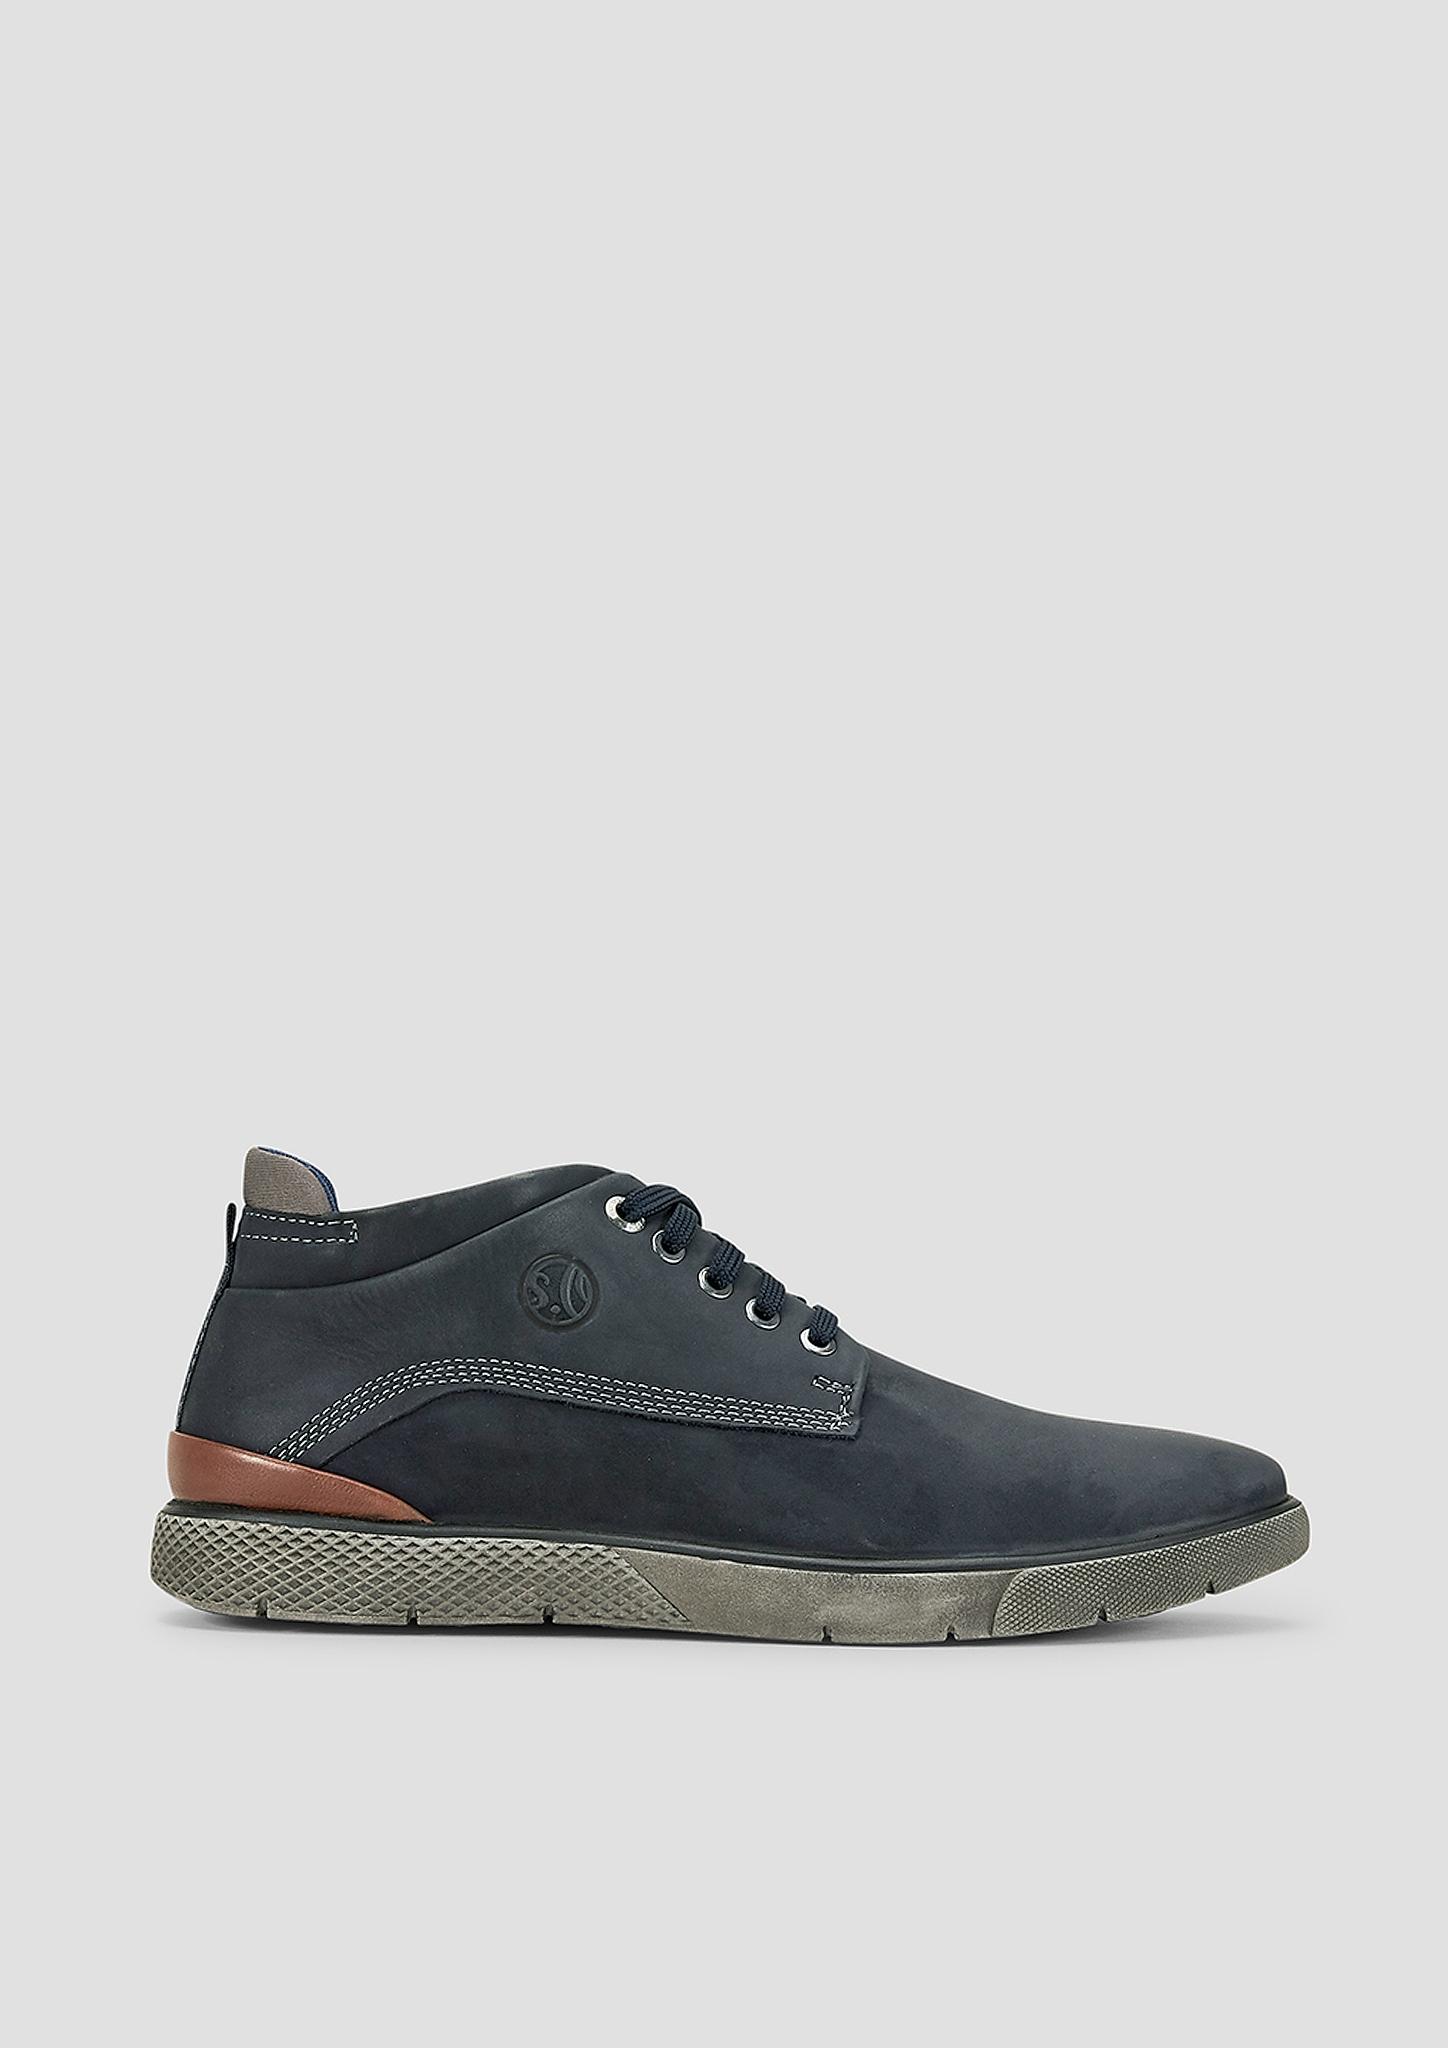 Schnürer | Schuhe > Schnürschuhe | Blau | Obermaterial aus leder und synthetik| futter aus textil| decksohle aus leder und textil| laufsohle aus synthetik | s.Oliver